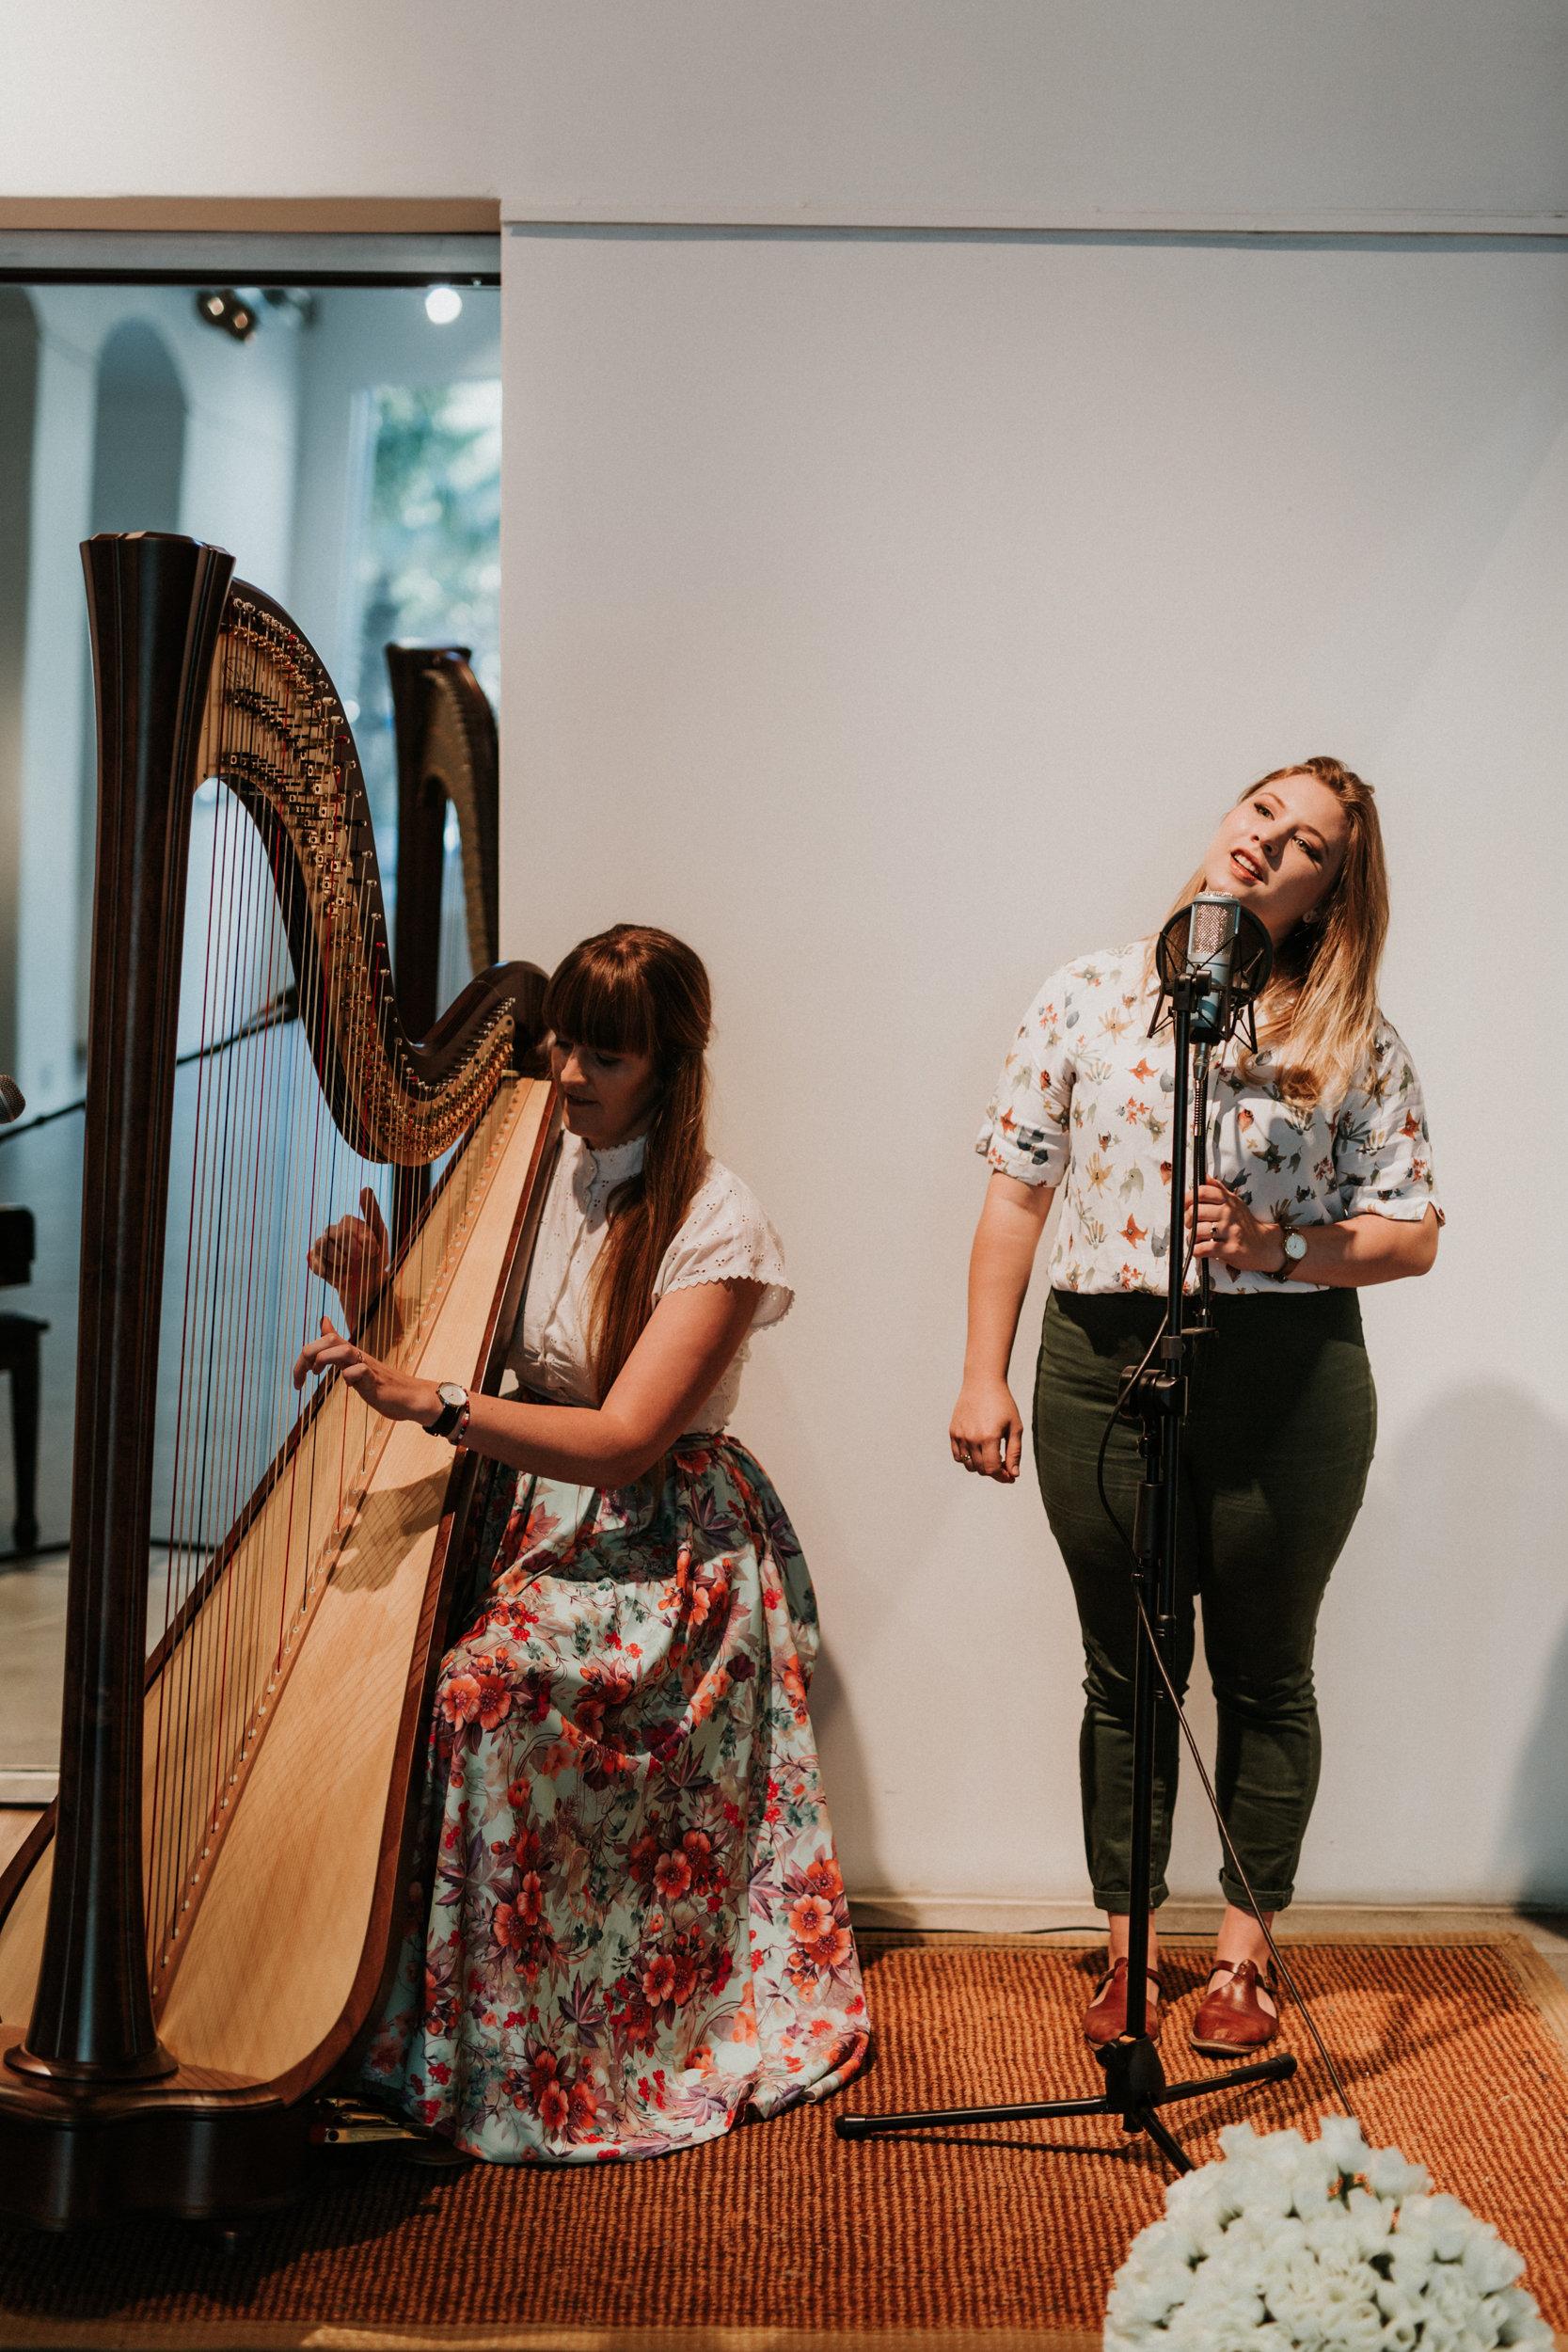 Mischa & HarpNOTED Duo